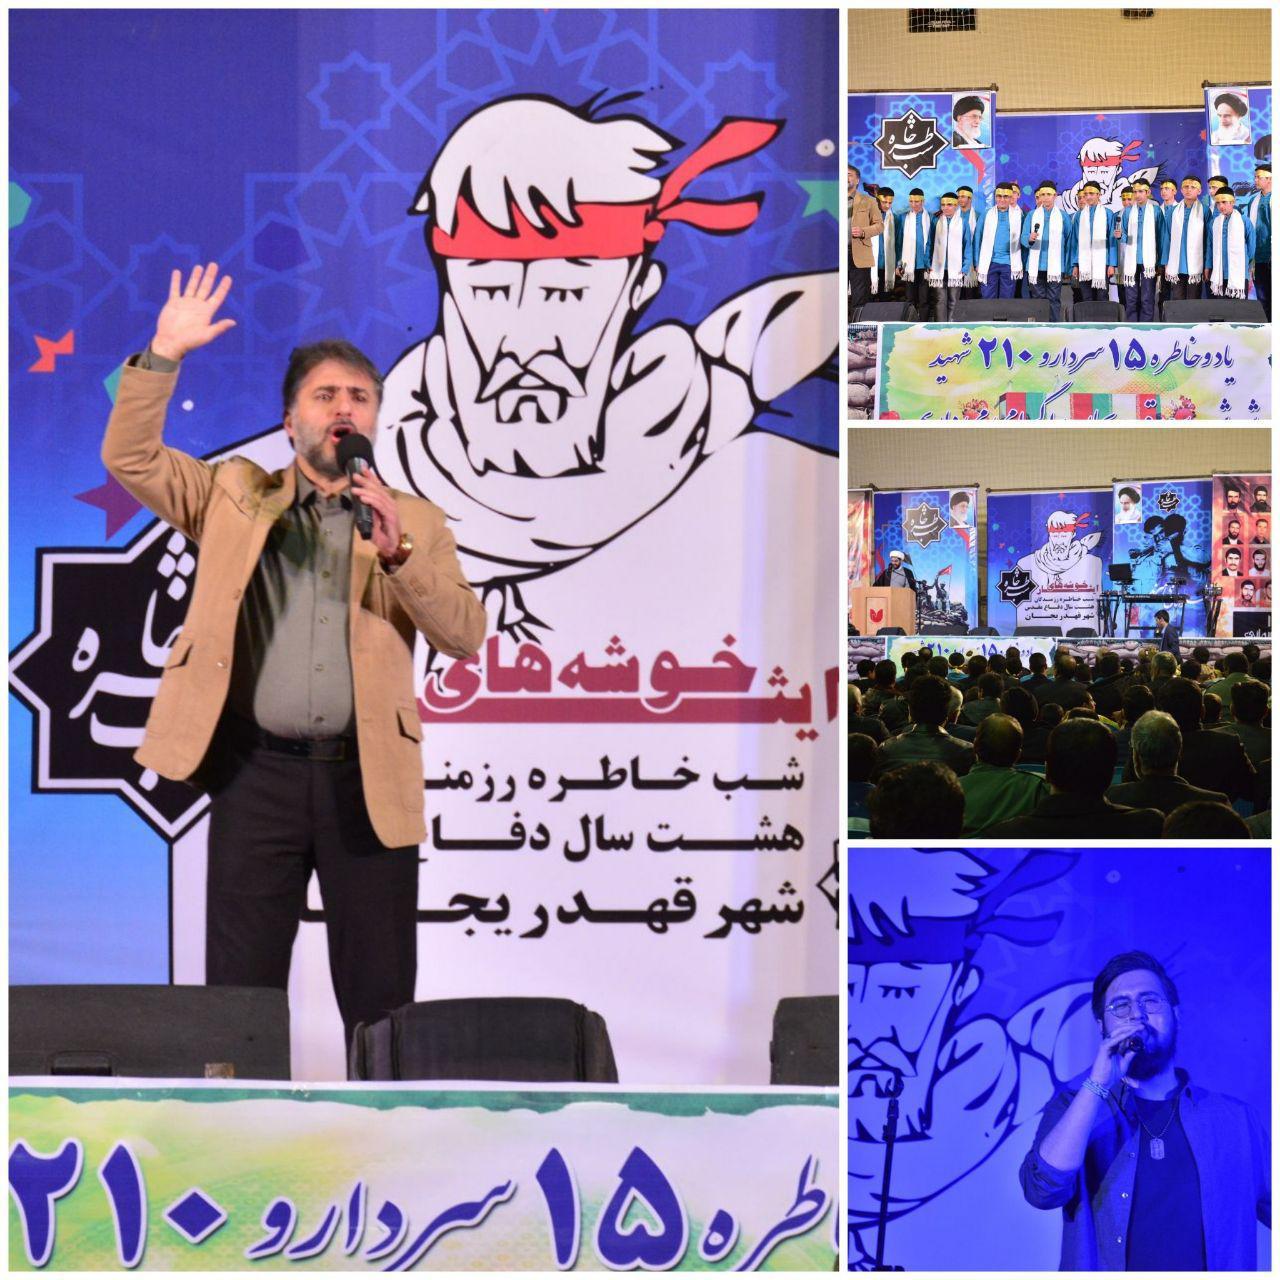 گزارش تصویری  شب خاطره خوشه های ایثار  با اجرای